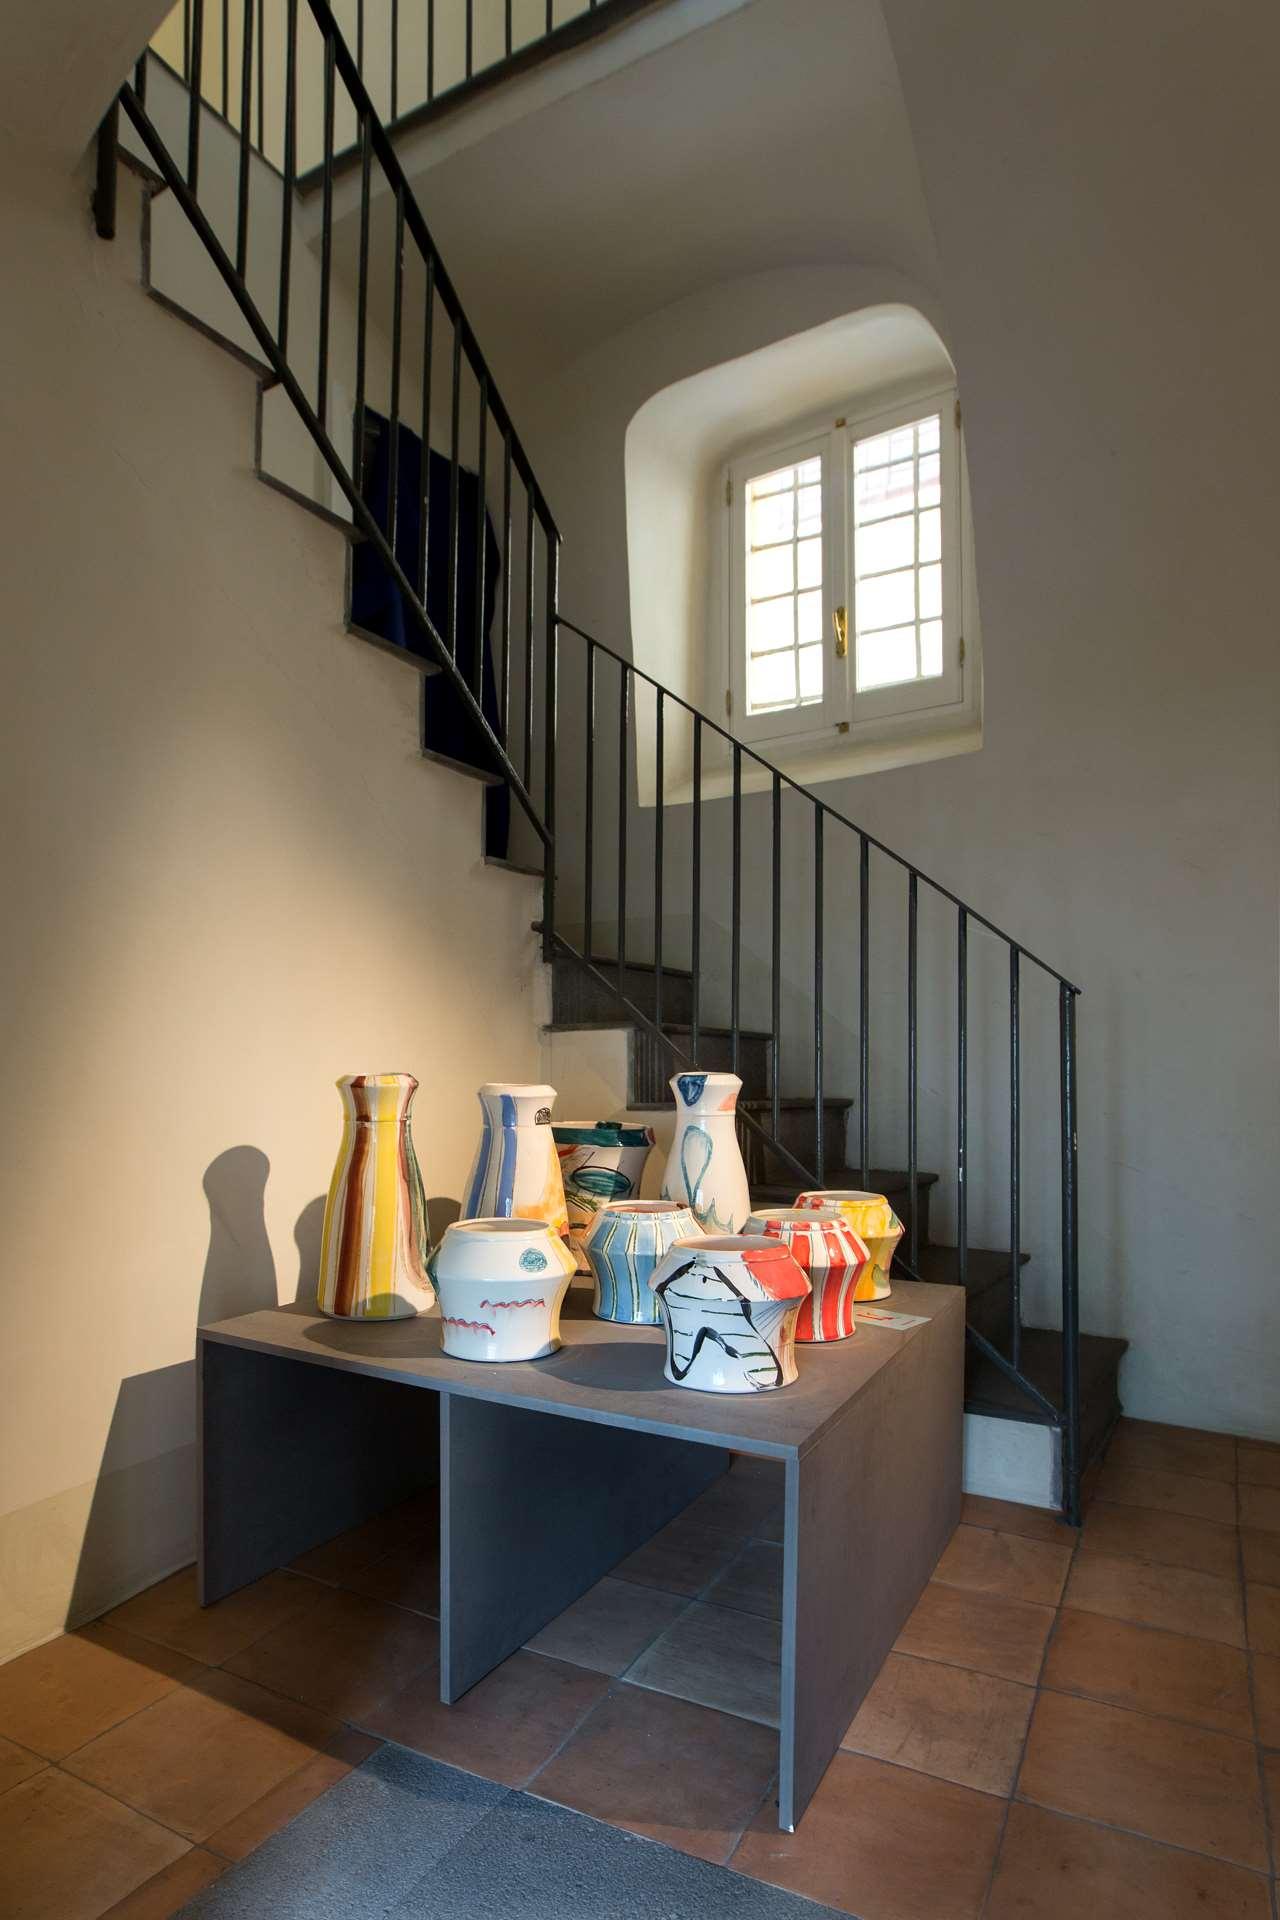 EDIT Napoli exhibition view,Reinaldo Sanguino x Made in EDIT. Photo© Roberto Pierucci.